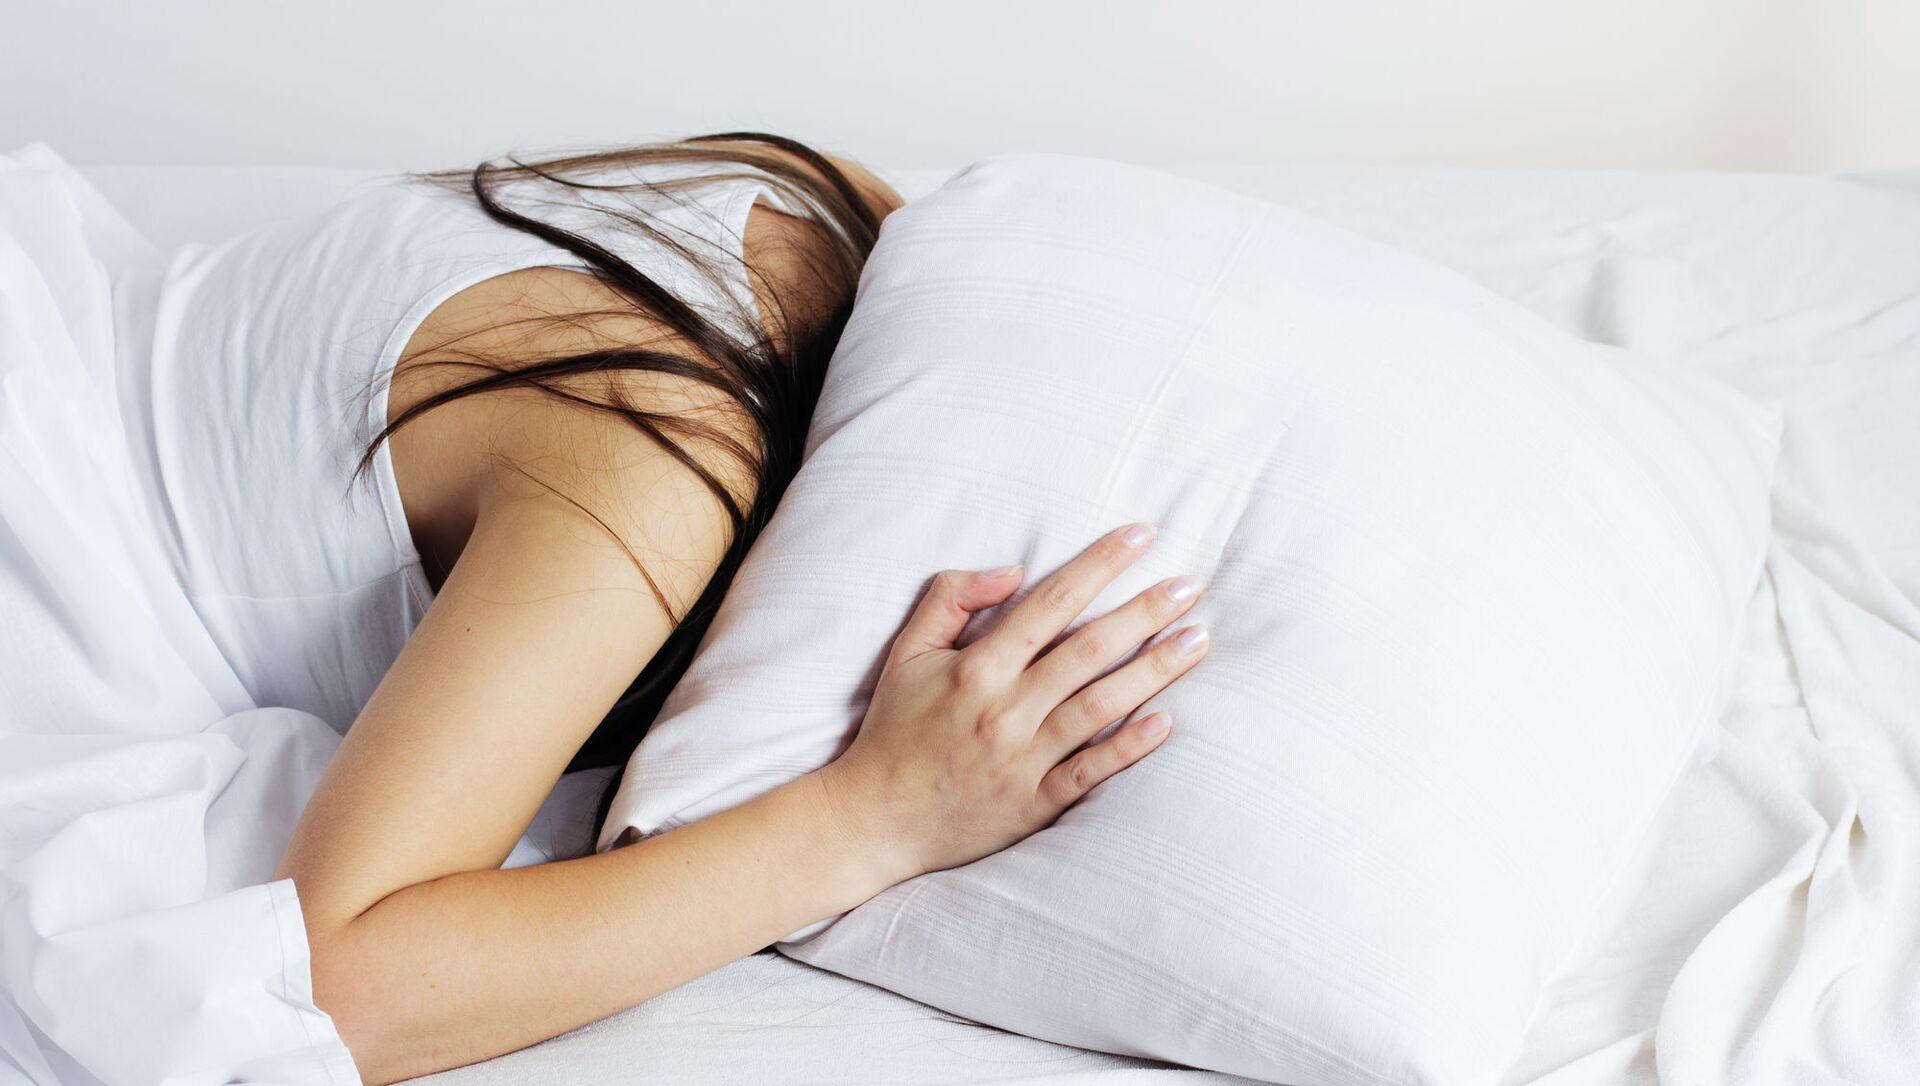 睡眠の質を上げるには? 神経学者が簡単で効果的な方法を紹介 - Sputnik 日本, 1920, 09.04.2021